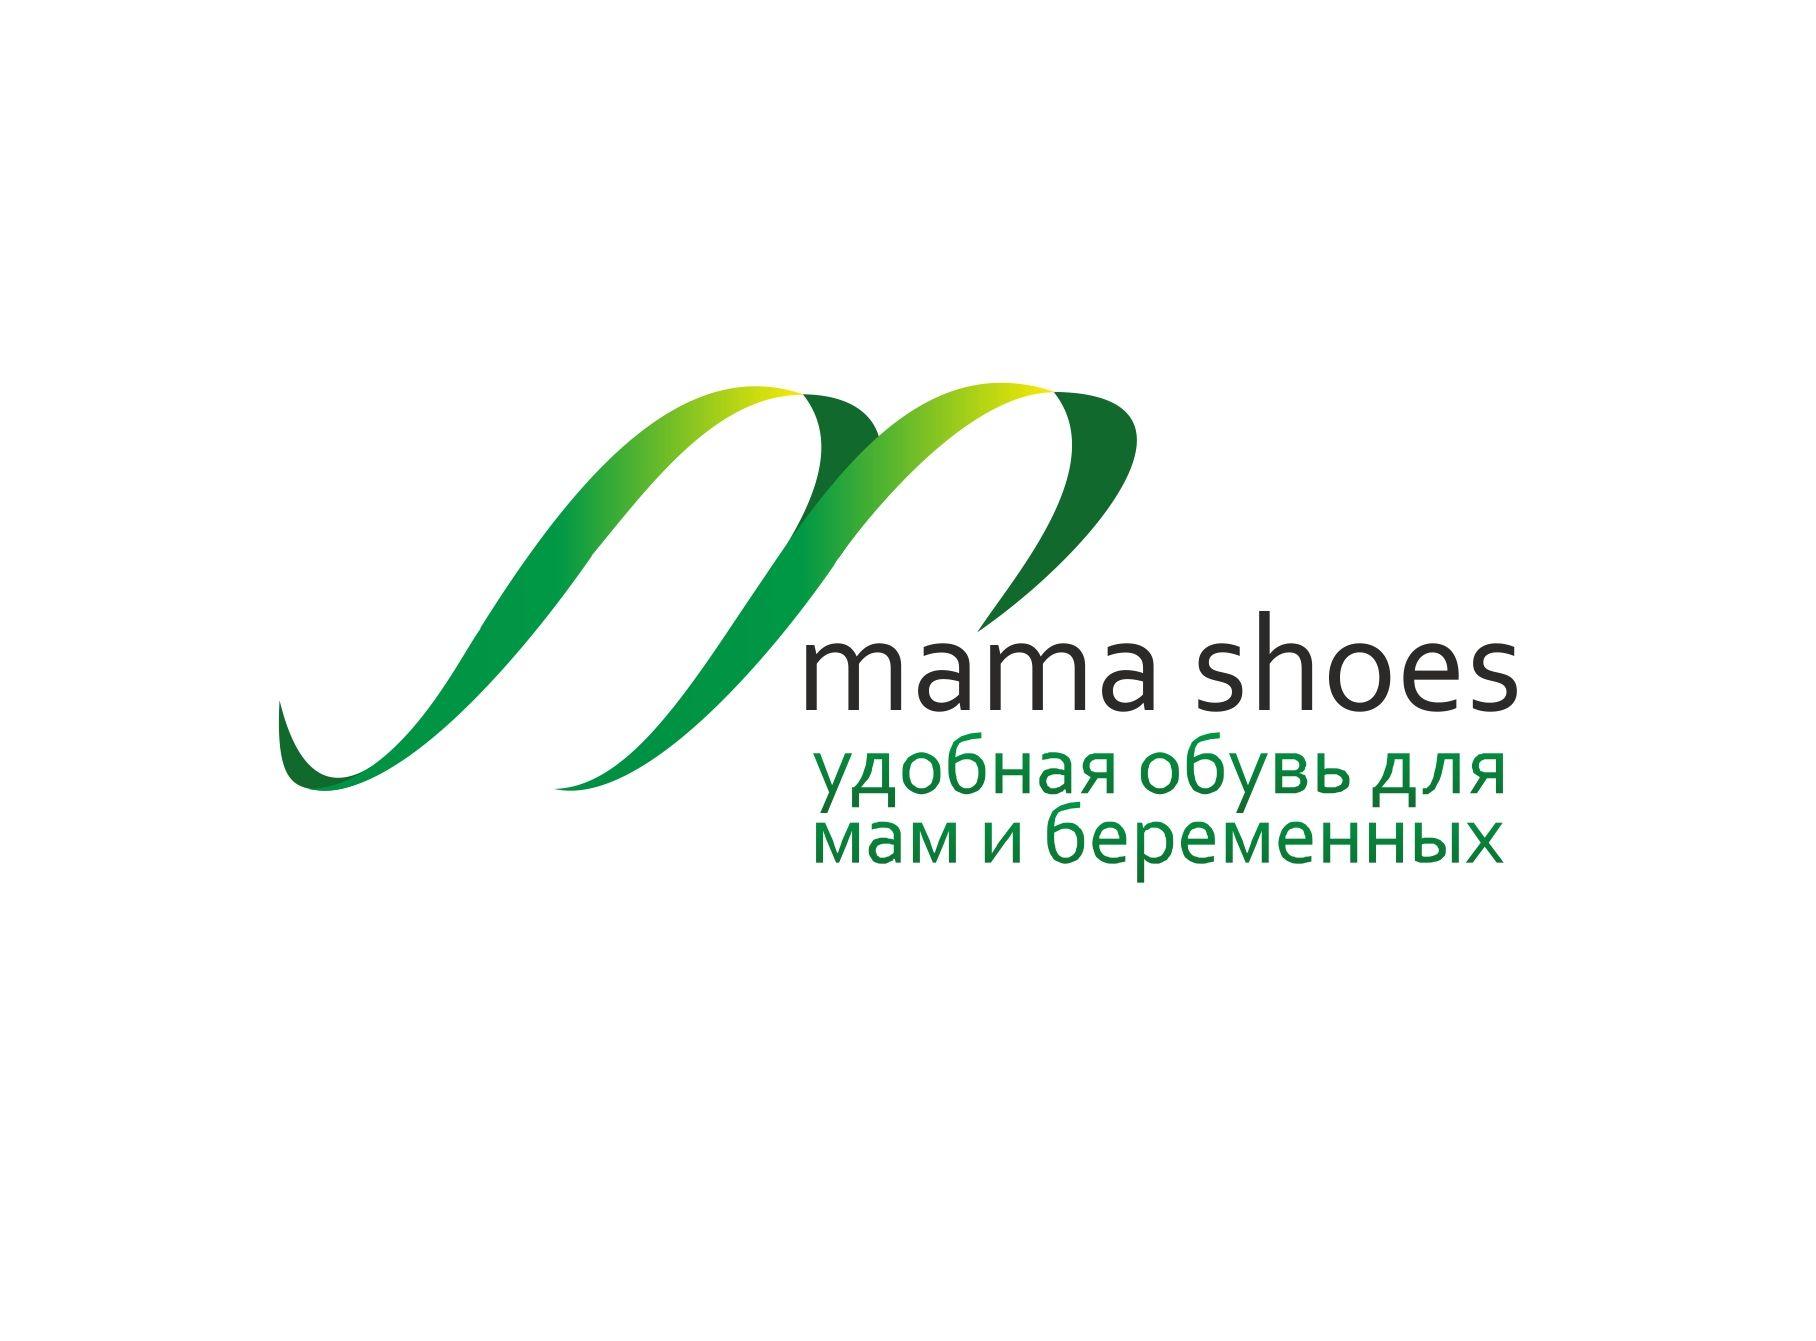 Разработка логотипа на основе существующего - дизайнер oksana123456